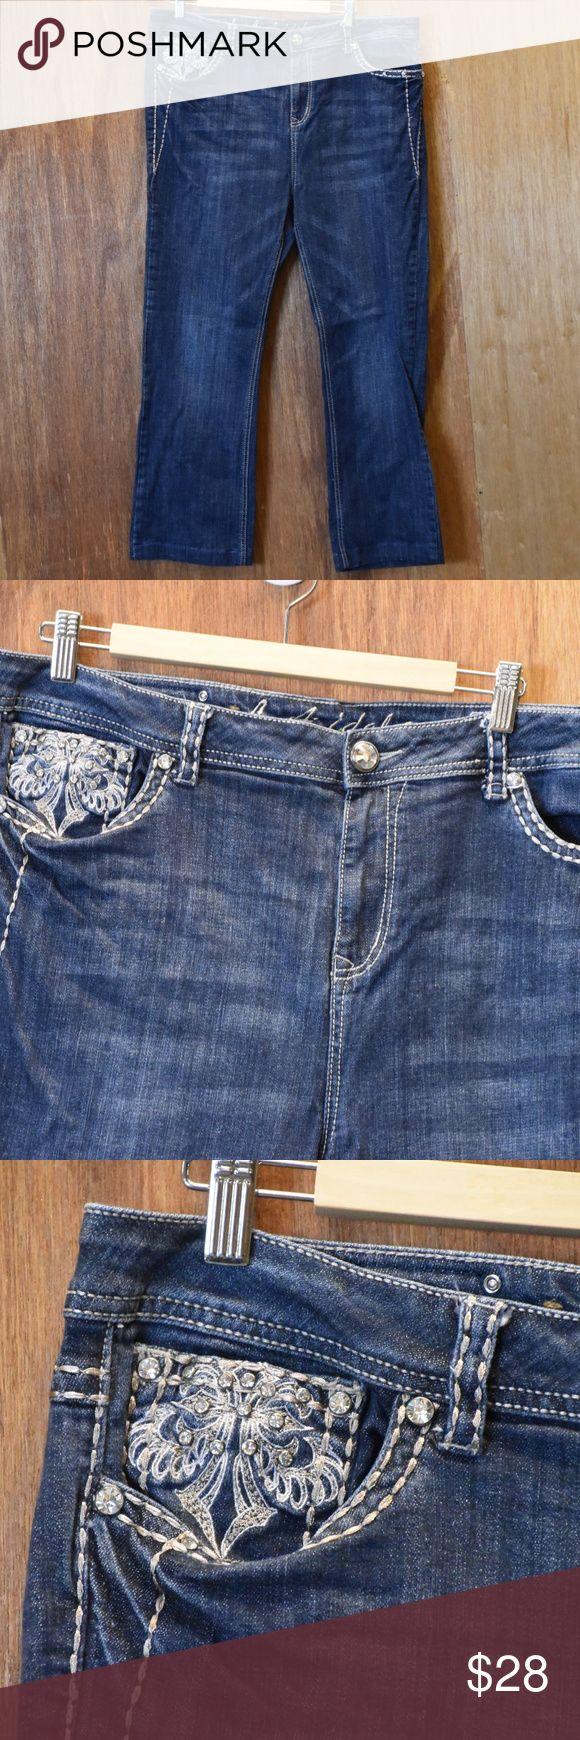 Women's LA IDOL Bling Jeans Junior size 19 LA Idol Jeans, embellished front pocket and rear pockets. LA Idol Jeans Boot Cut